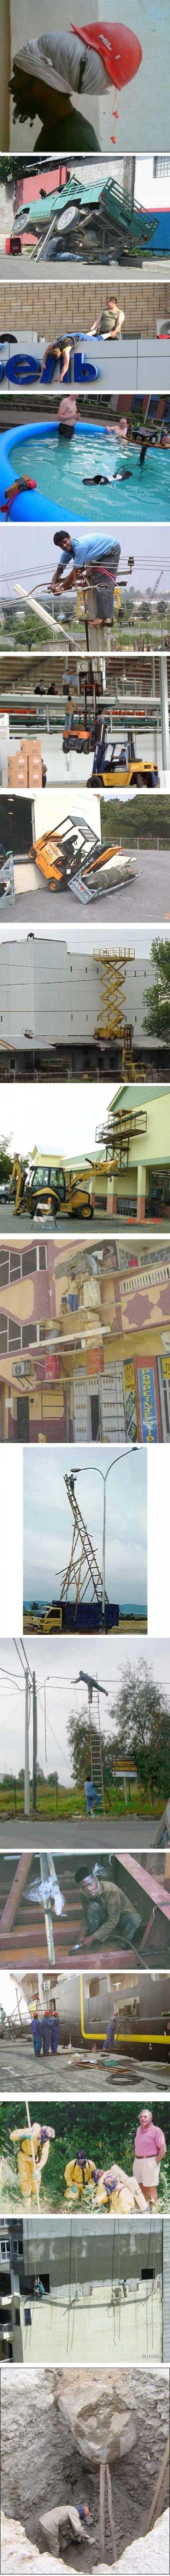 Safety fail comp. .. safety third Safety fail comp safety third